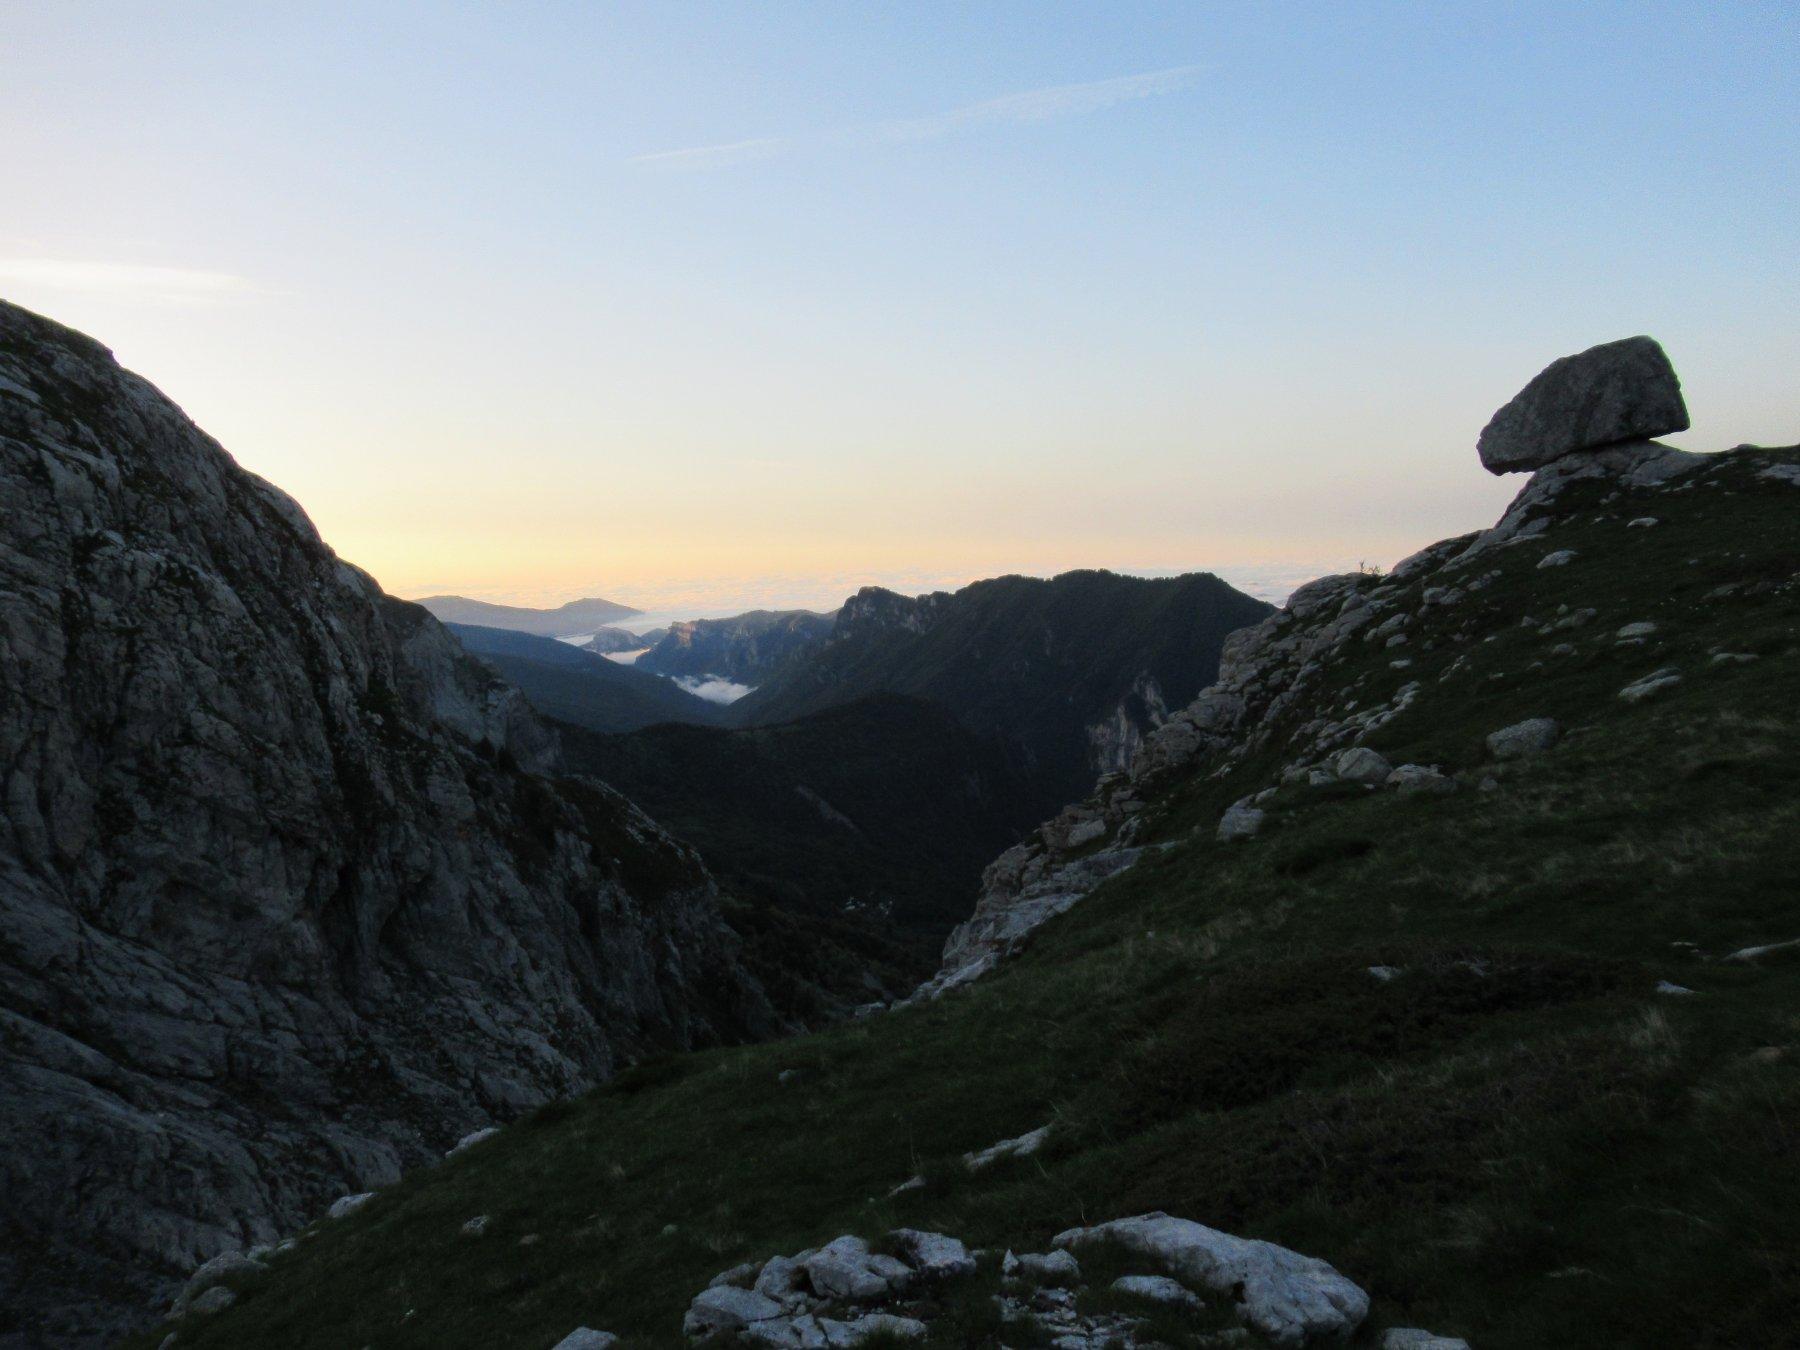 L'alba dal Passo Mastrelle.